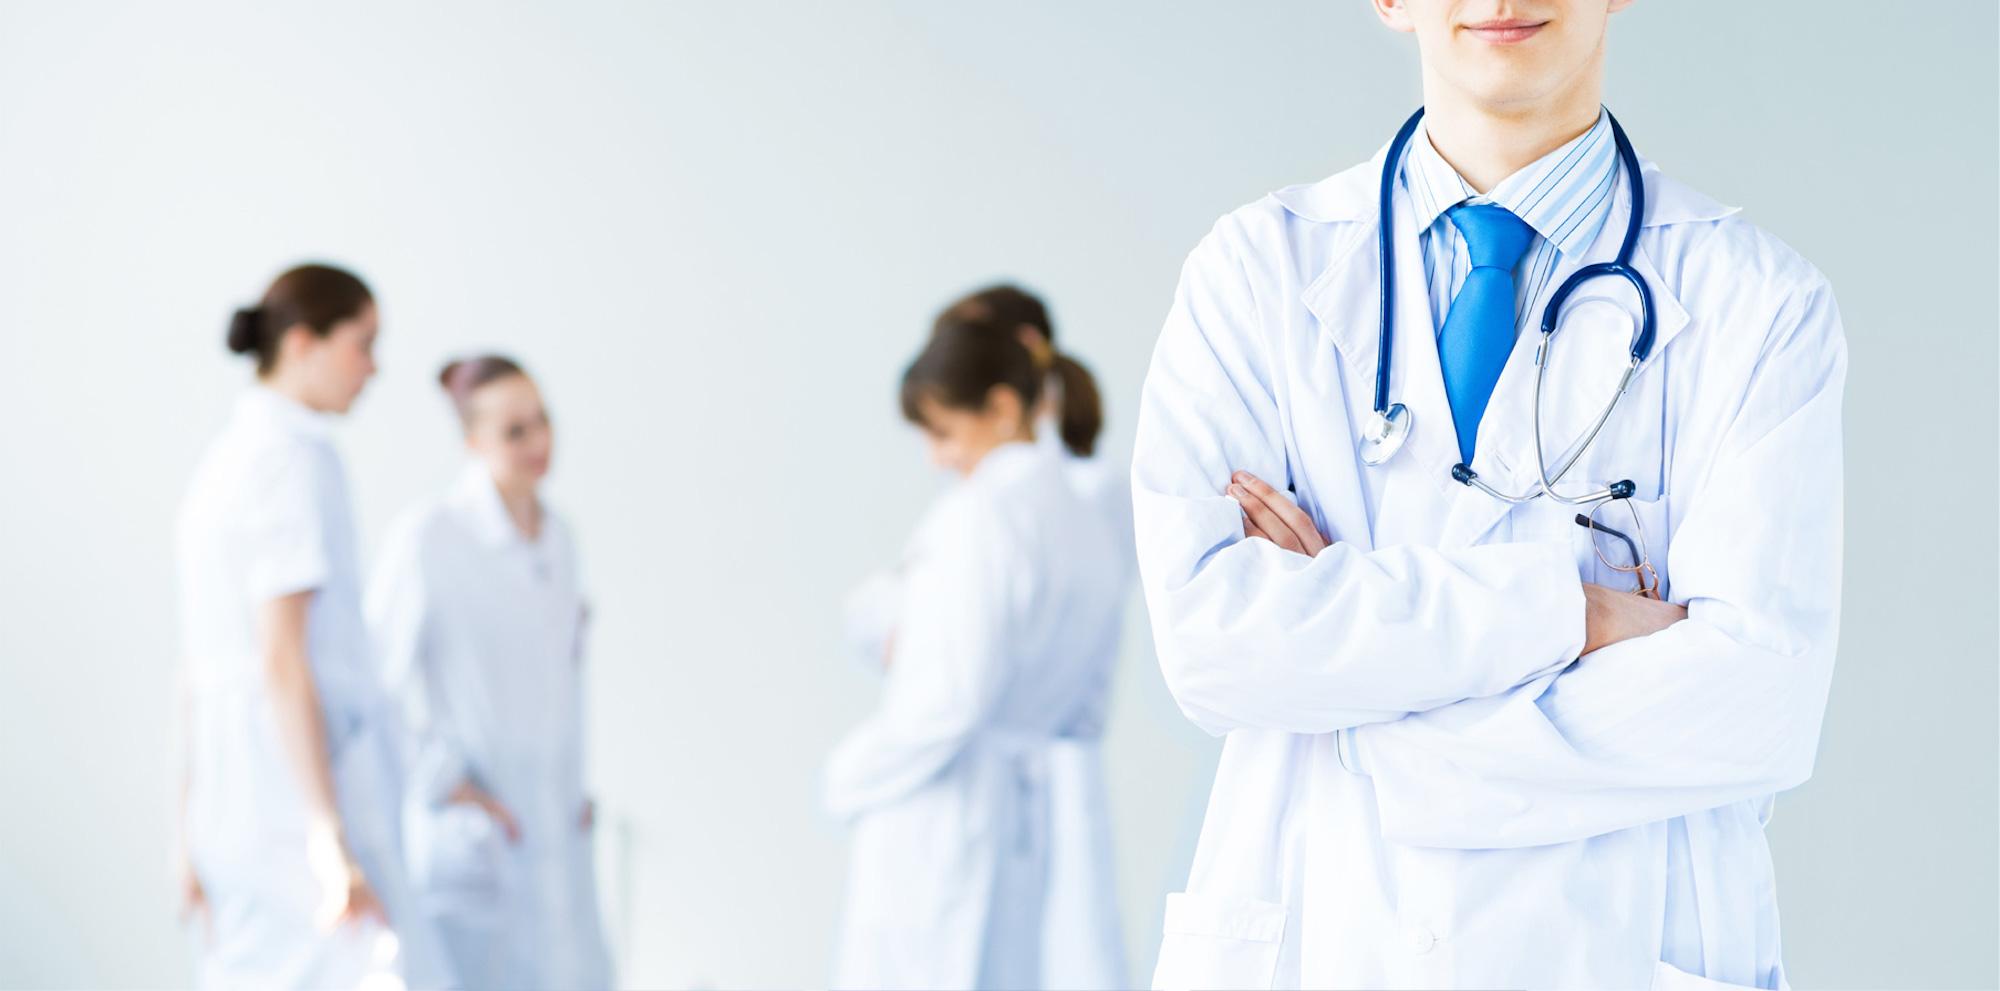 instalaciones-medicas-primera-clase-marbella-españa